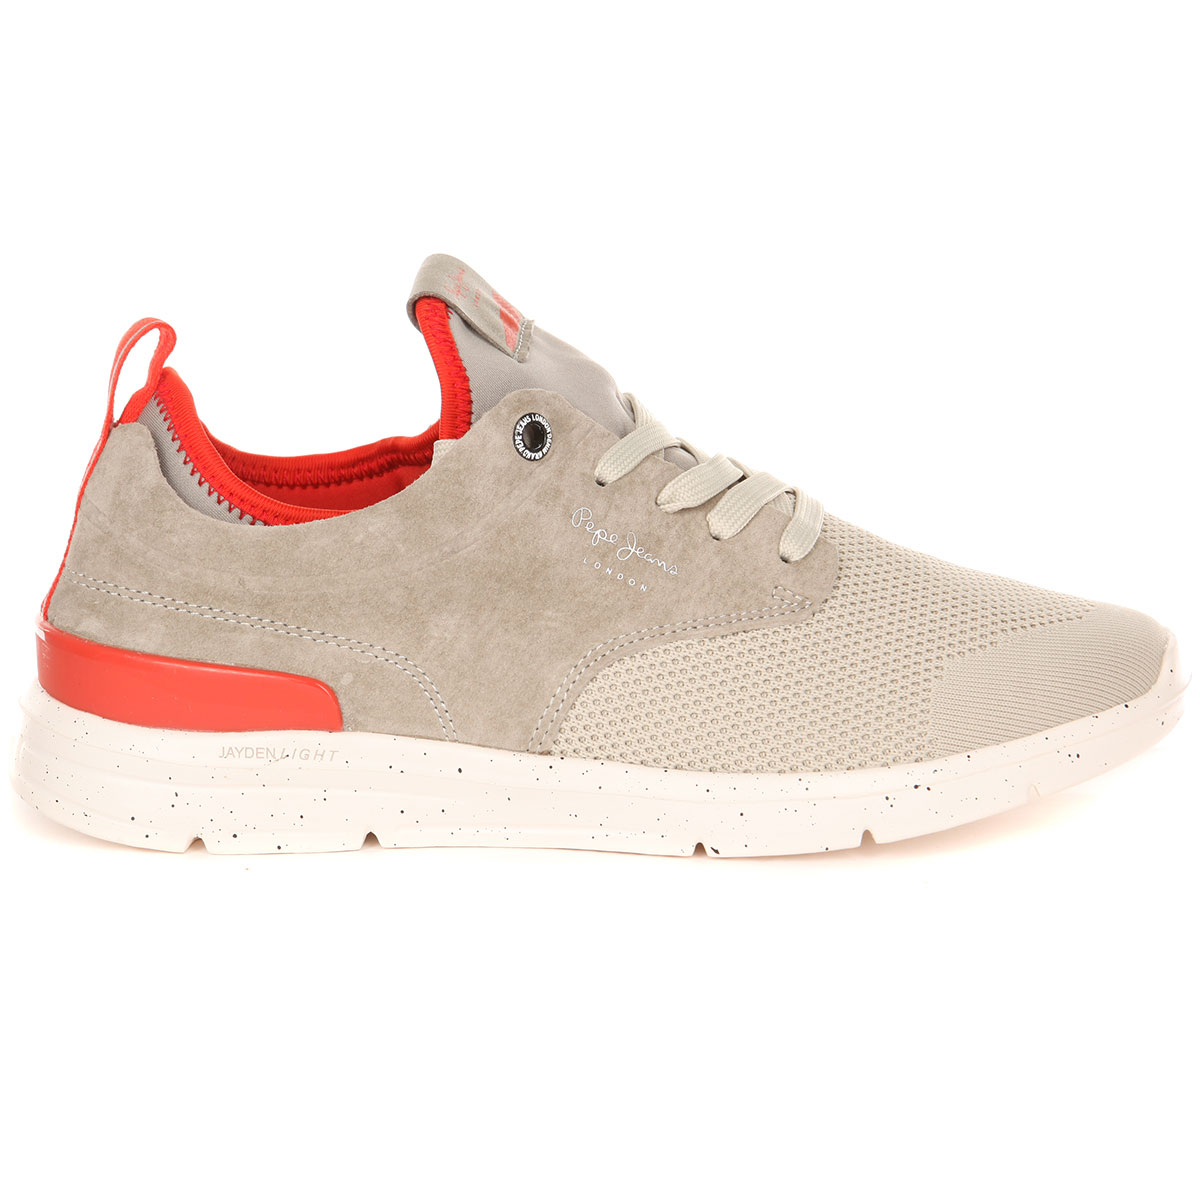 2f97eb35e22 Купить кроссовки Pepe Jeans London Jayden Tech серые в интернет ...